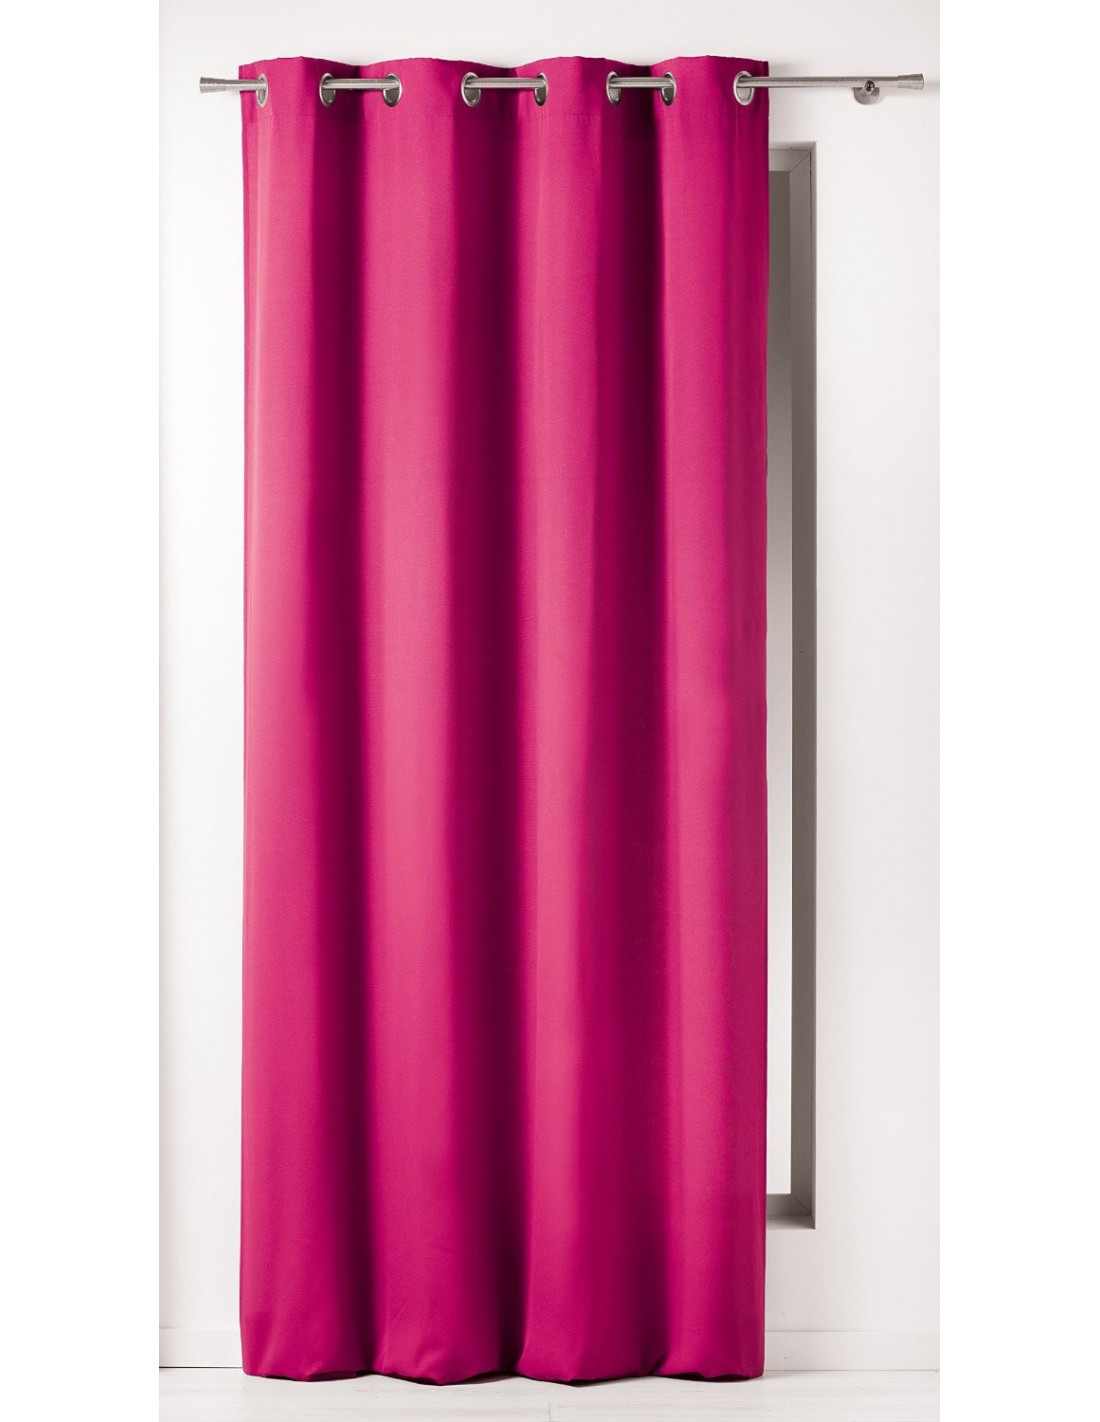 douceur d 39 interieur rideau avec illets panama coton rose 140 x 240 x 240 cm hyper brico. Black Bedroom Furniture Sets. Home Design Ideas